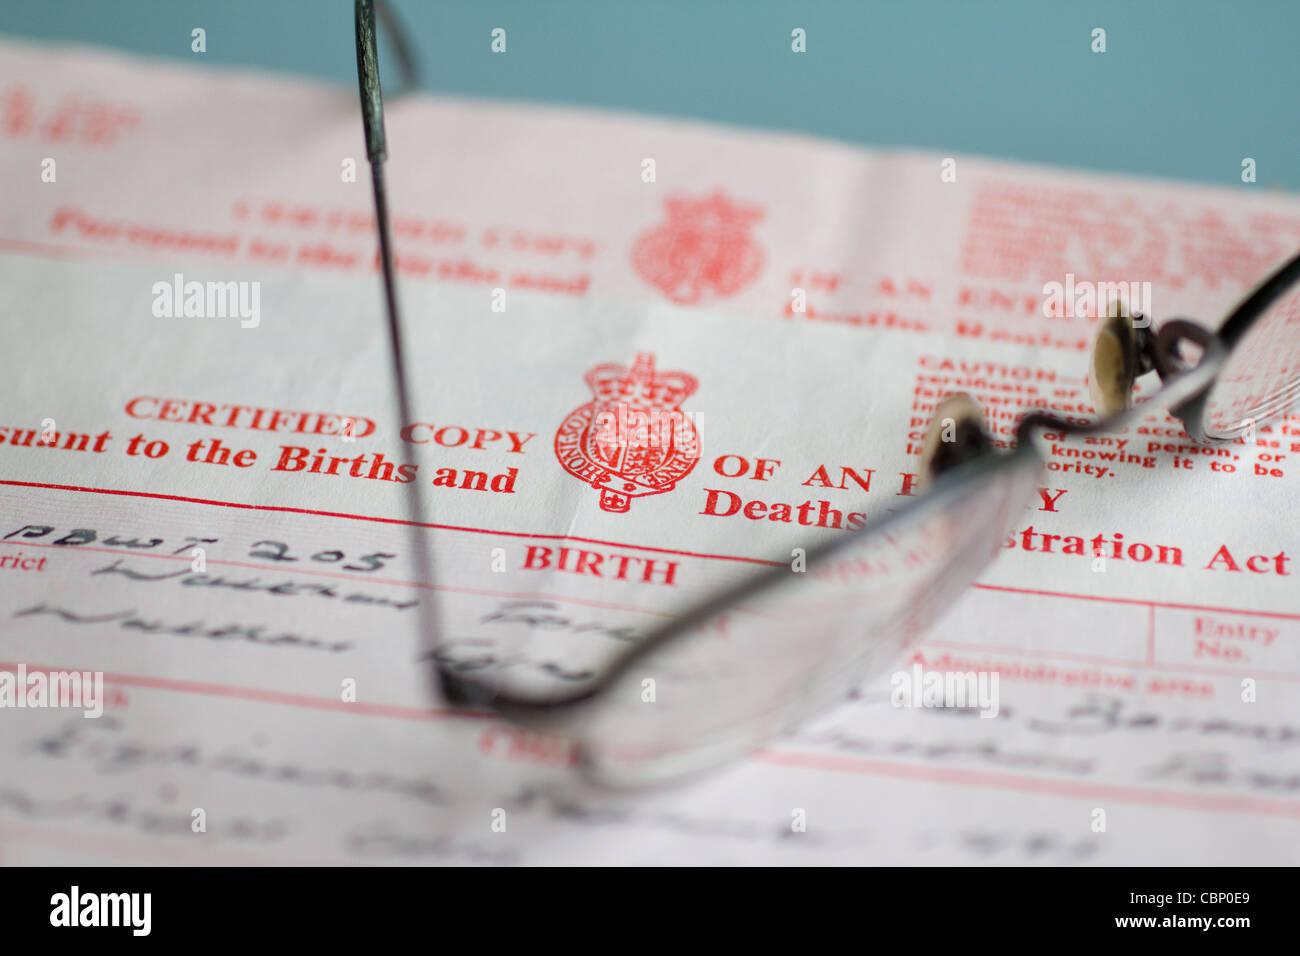 Certificat de naissance au Royaume-Uni Photo Stock